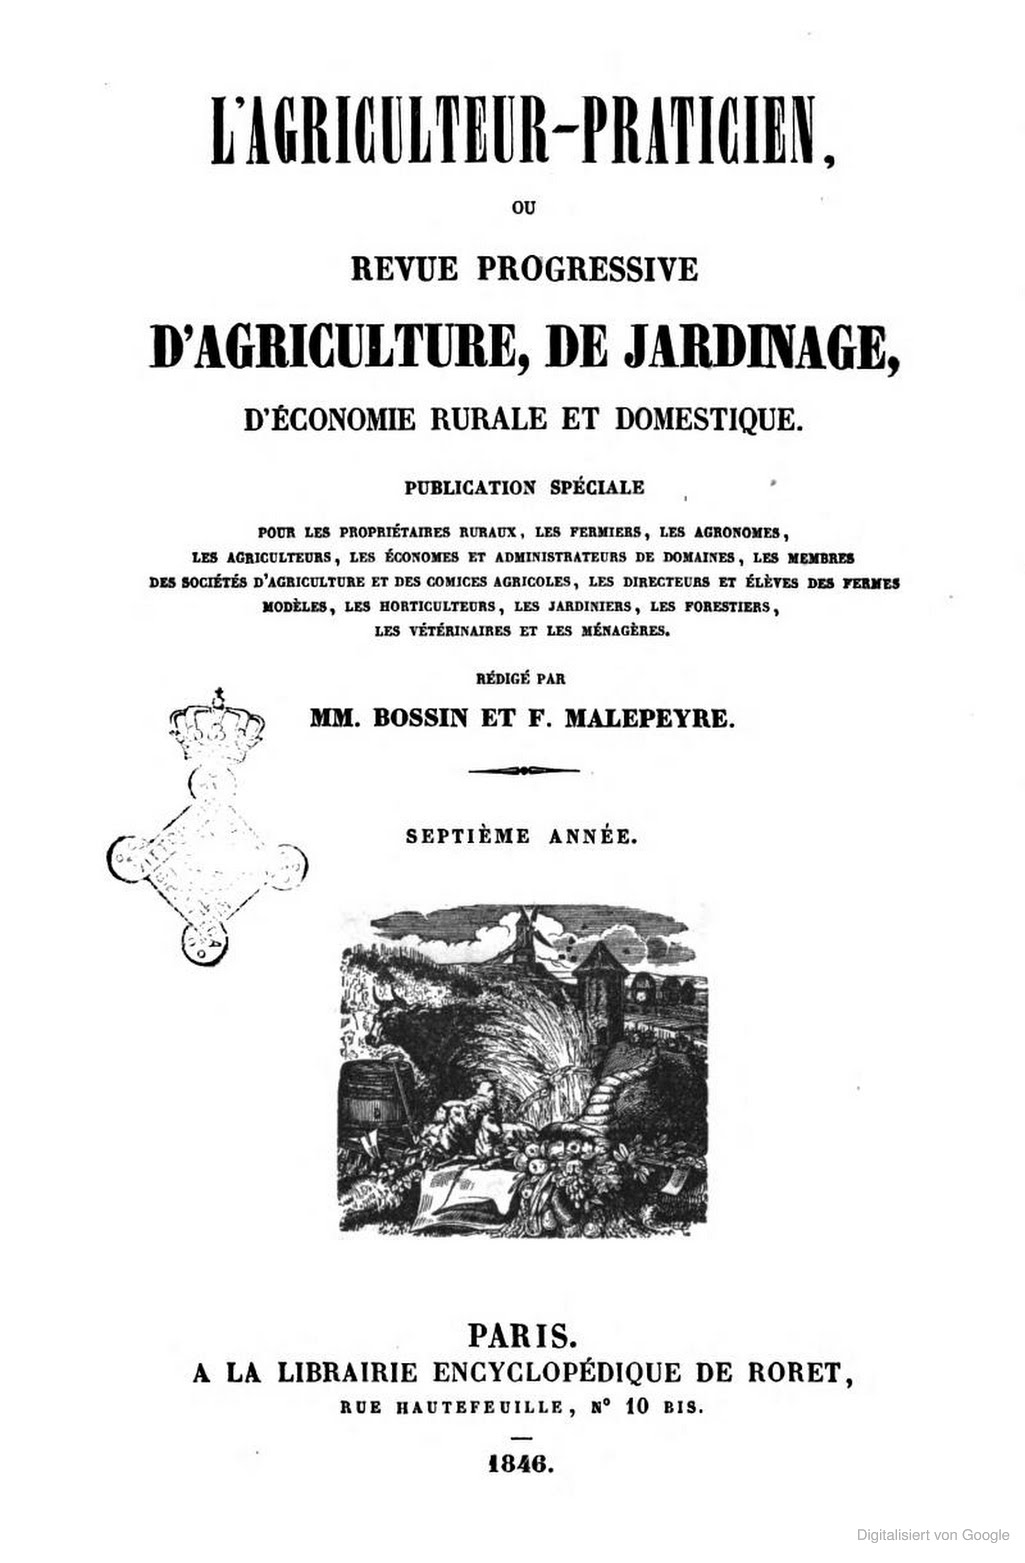 titel agri 1846